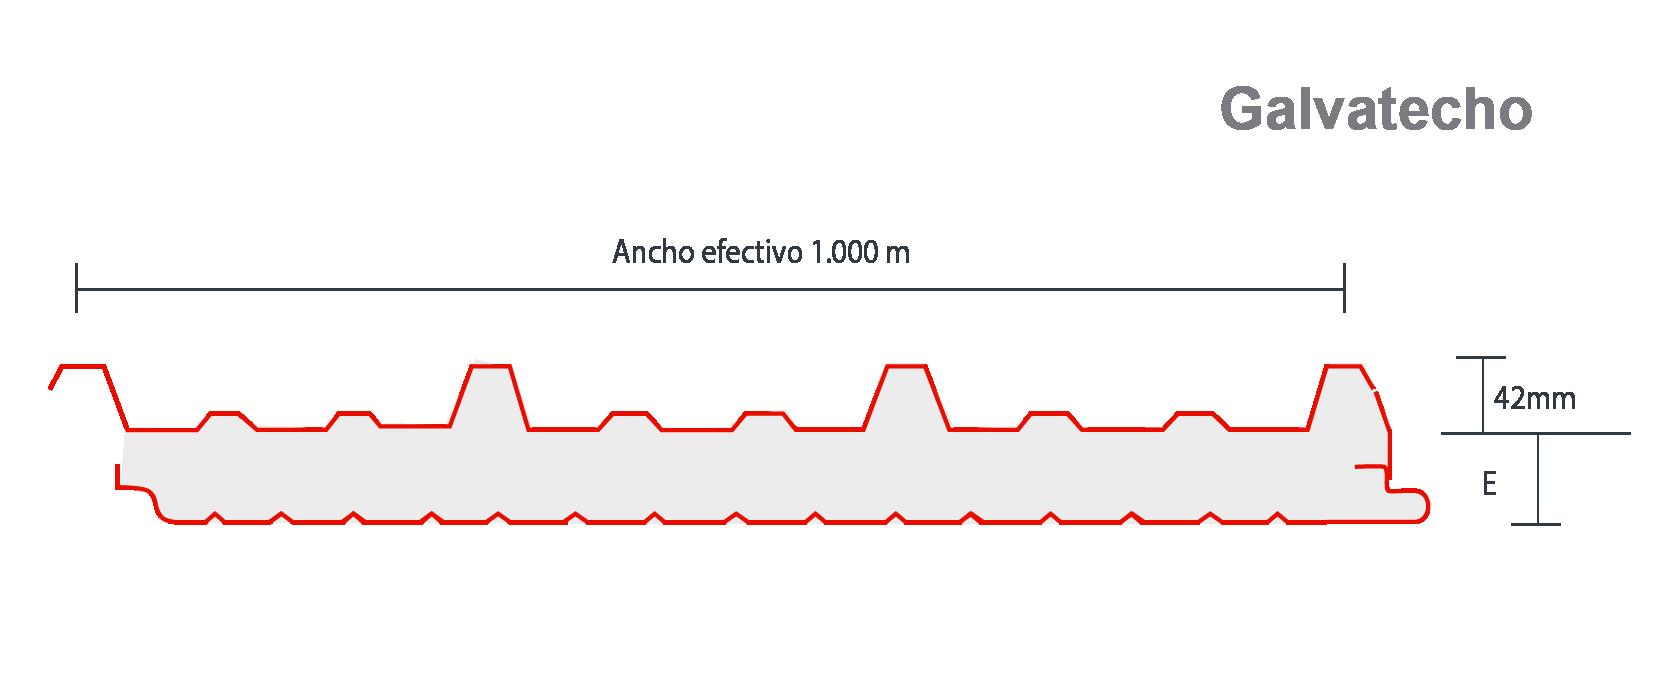 medidas-panel-galvatecho-panel-y-acanalados-26